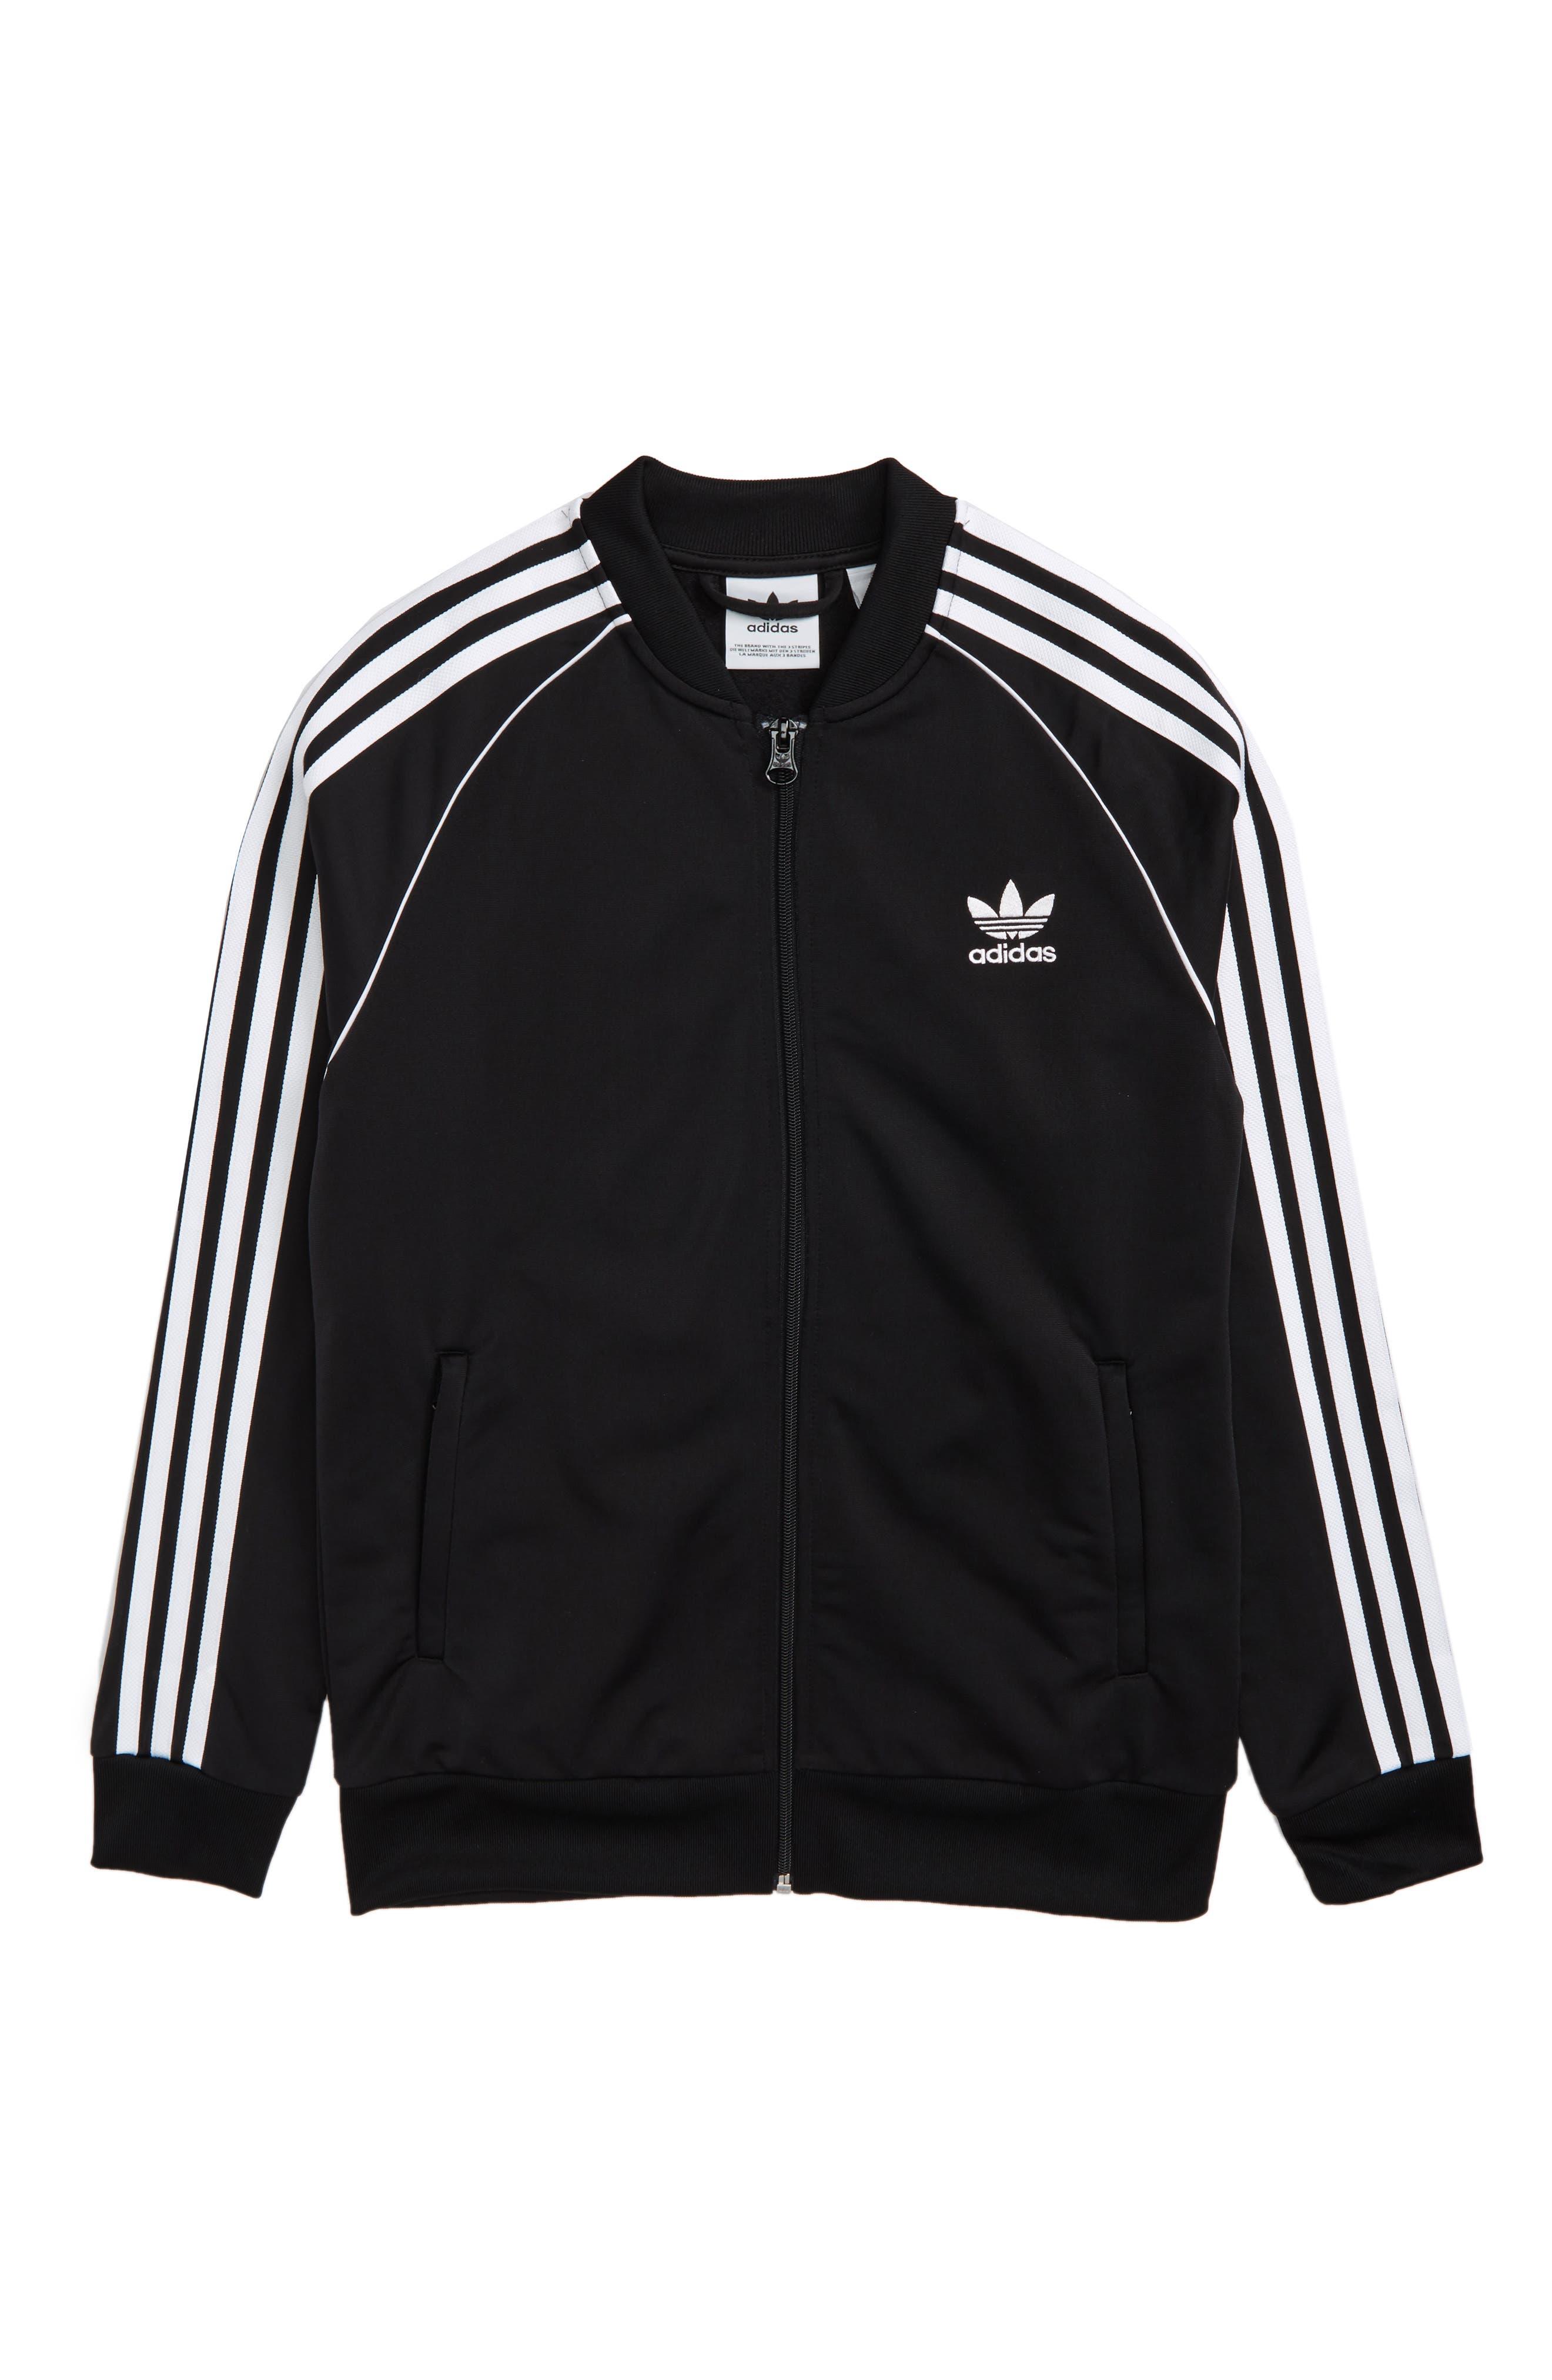 J Track Jacket,                         Main,                         color, BLACK